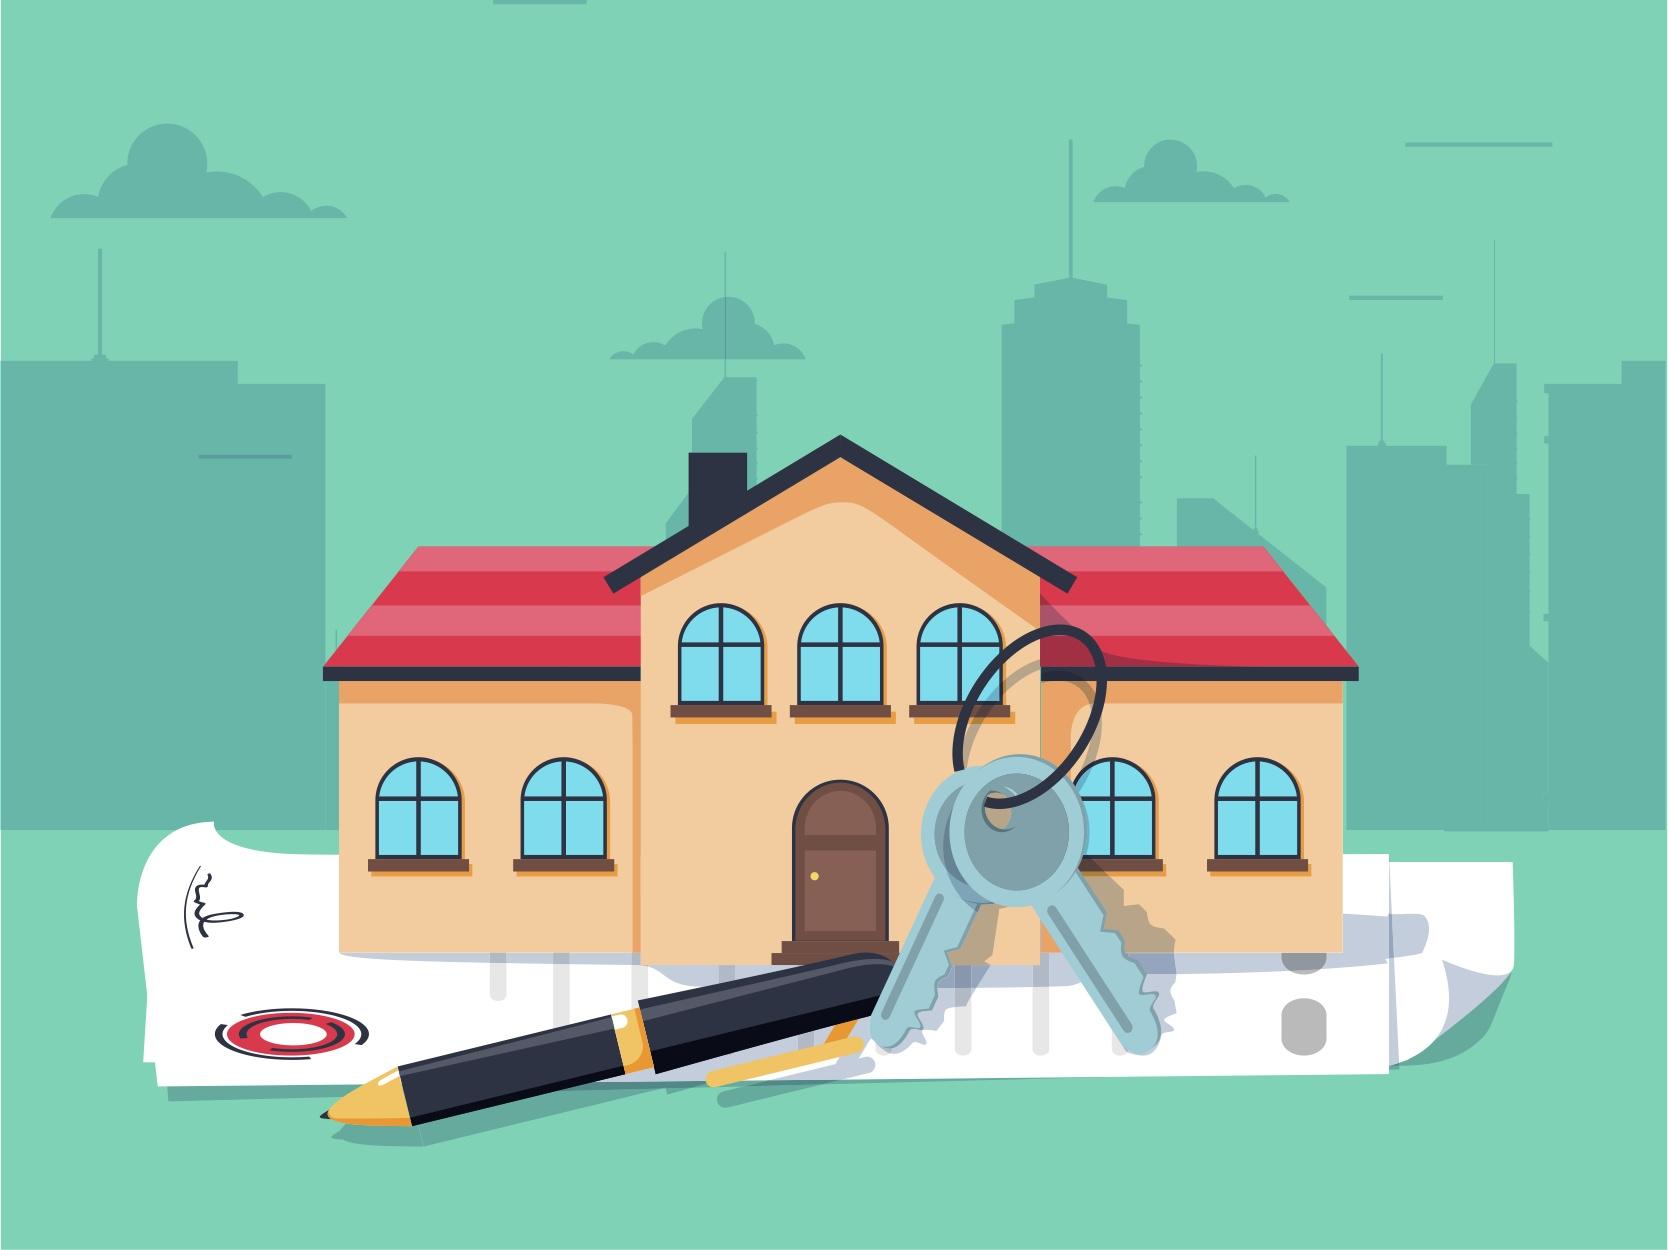 pending house illustration